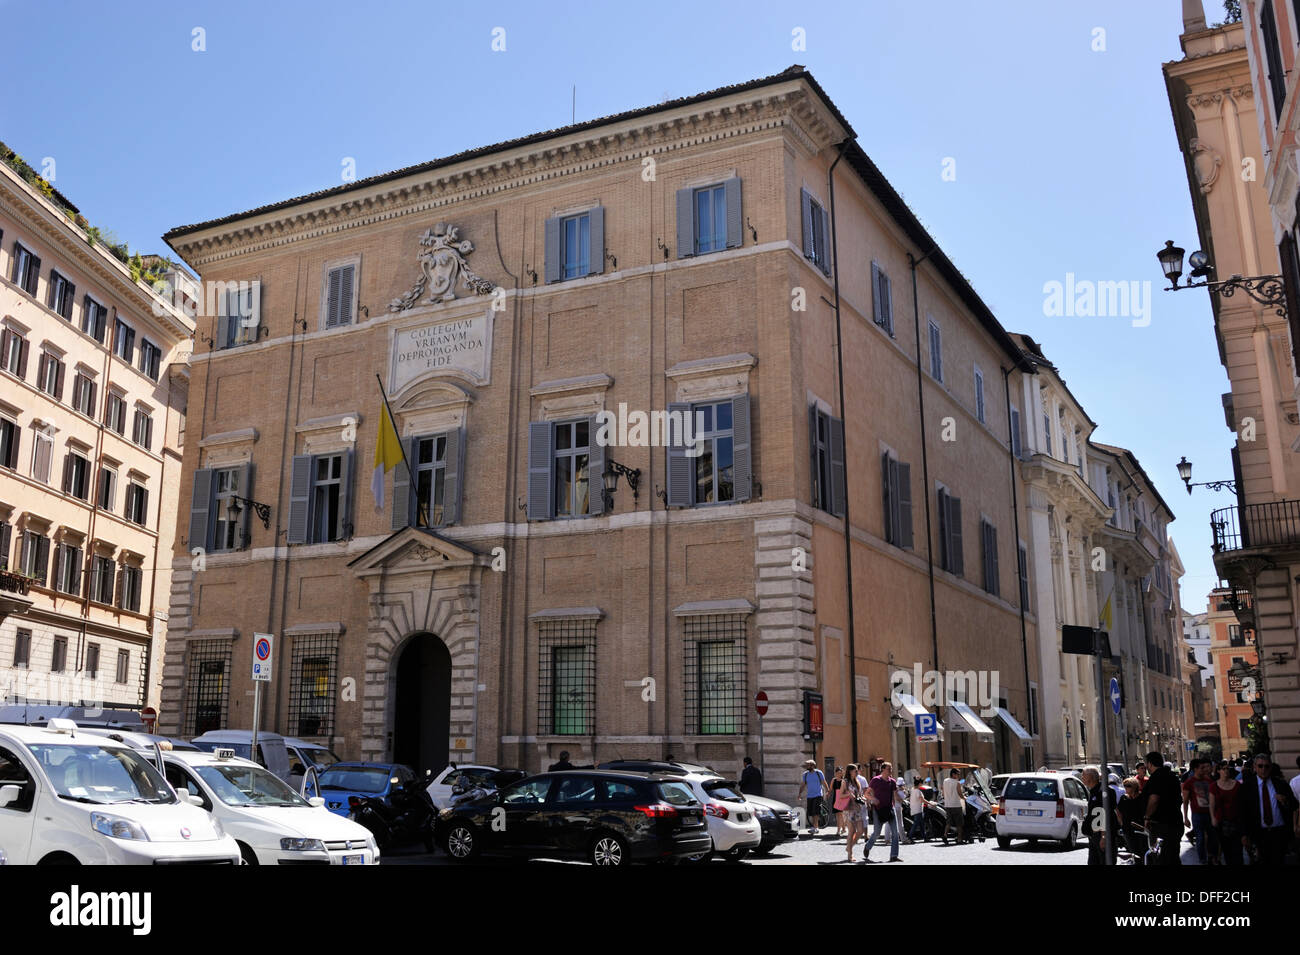 italy, rome, palazzo di propaganda fide - Stock Image